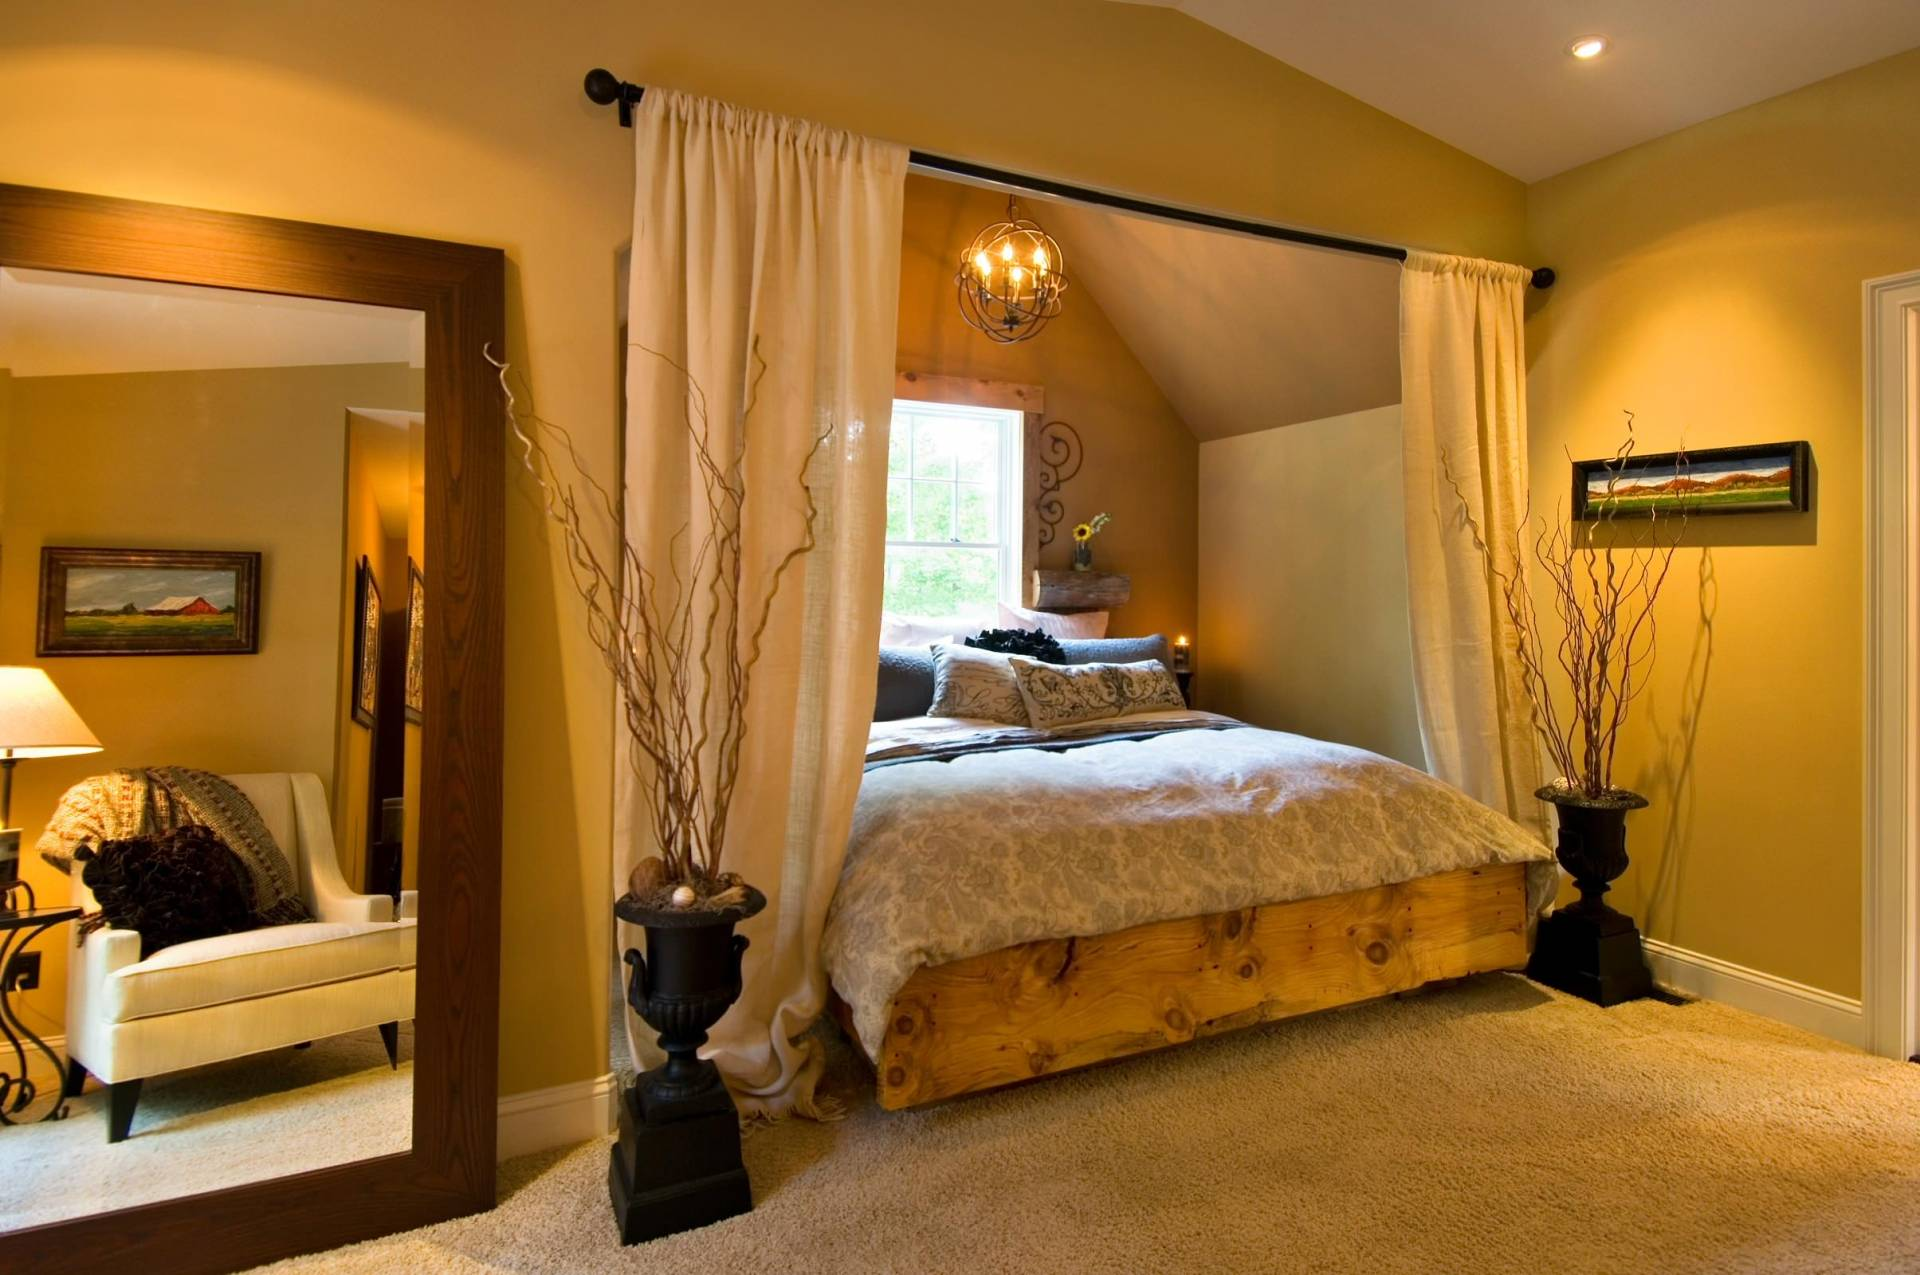 медицинская помощь как поставить двуспальную кровать в зале фото умеют